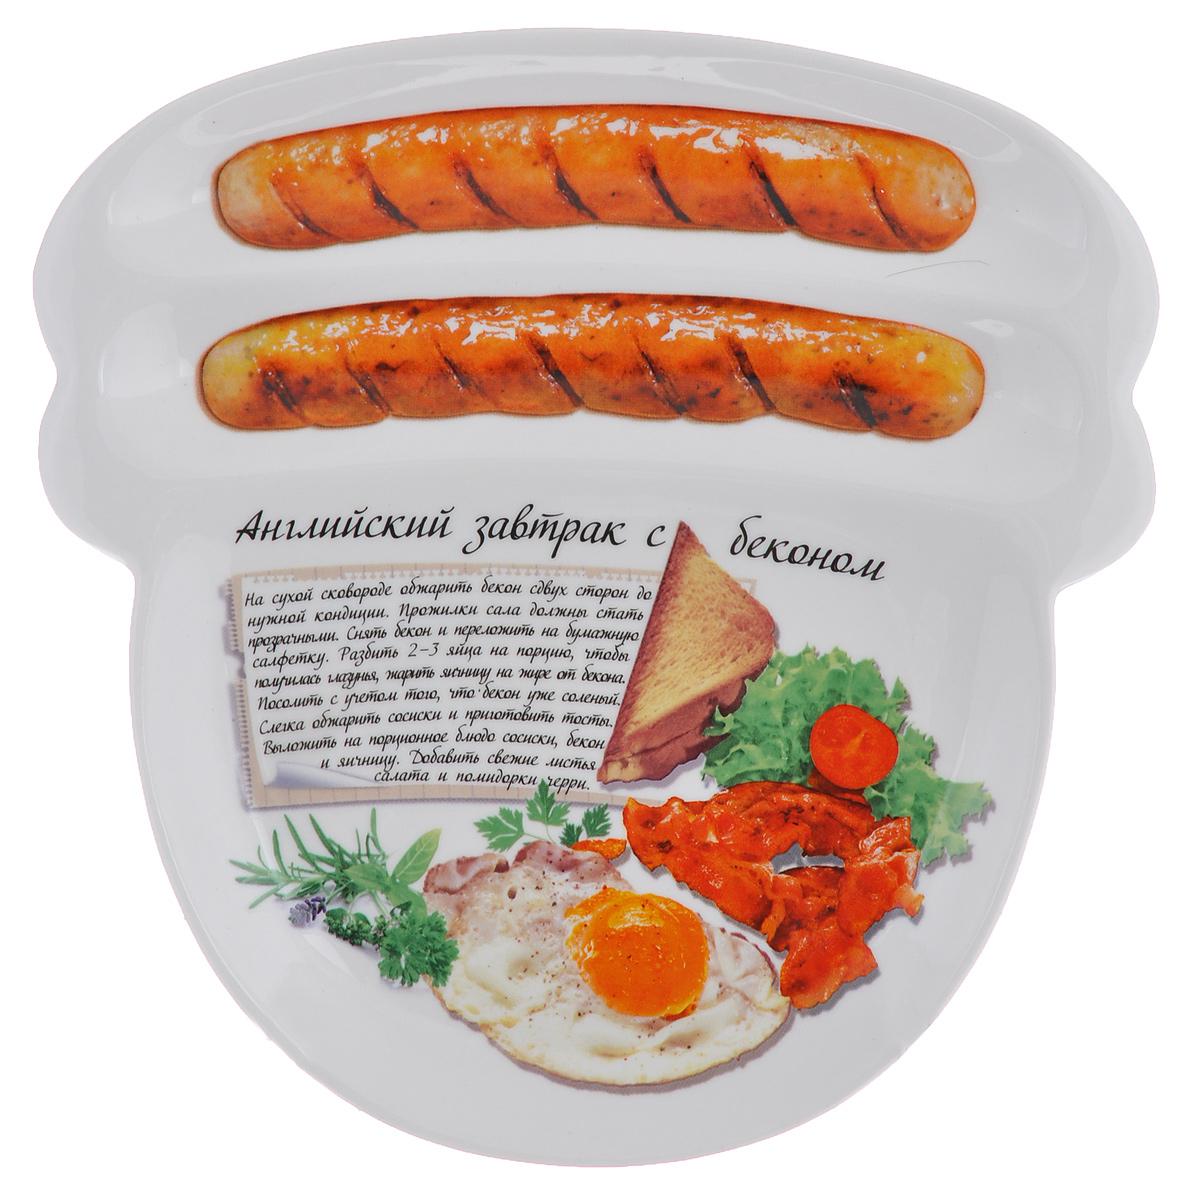 Блюдо для сосисок Larangе Английский завтрак с беконом, 23 см х 22,7 см х 1,6 смWTC-801_голубойБлюдо для сосисок Larange Английский завтрак с беконом изготовлено из высококачественной керамики. Изделие украшено изображением двух сосисок и рецепта английского завтрака с беконом. Тарелка имеет три отделения: два маленьких отделения для сосисок и одно большое отделение для яичницы или другого блюда. В комплект входят лучшие рецепты от шефа. Можно использовать в СВЧ печах, духовом шкафу, холодильнике. Можно мыть в посудомоечной машине. Не применять абразивные чистящие вещества. Размер блюда: 23 см х 22,7 см х 1,6 см.